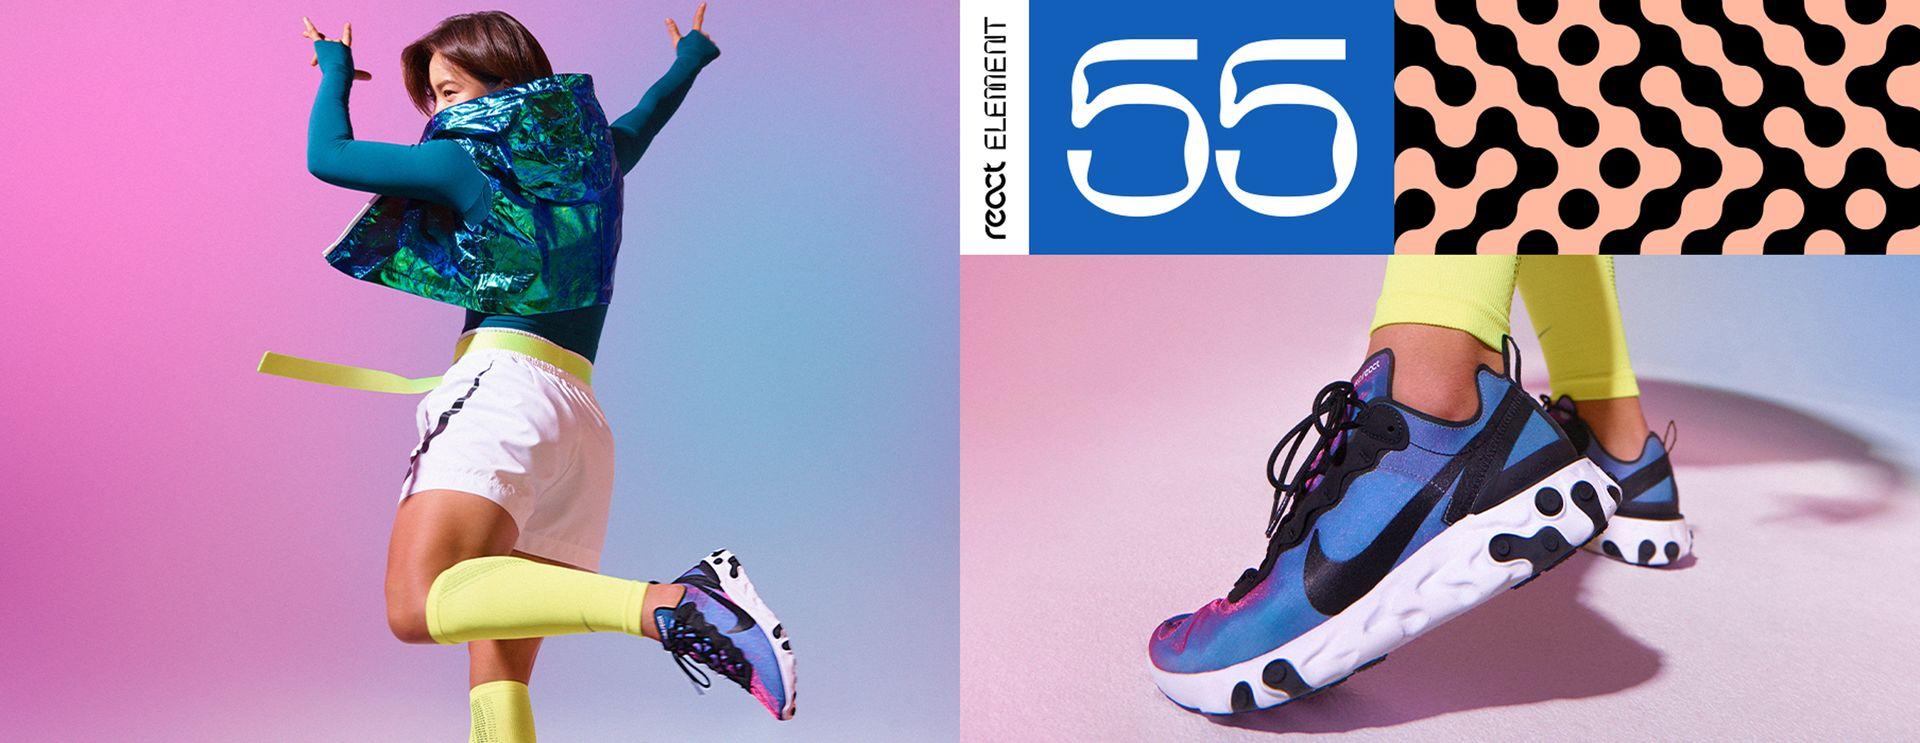 separation shoes 14a23 cb40c SPARK A REACTION